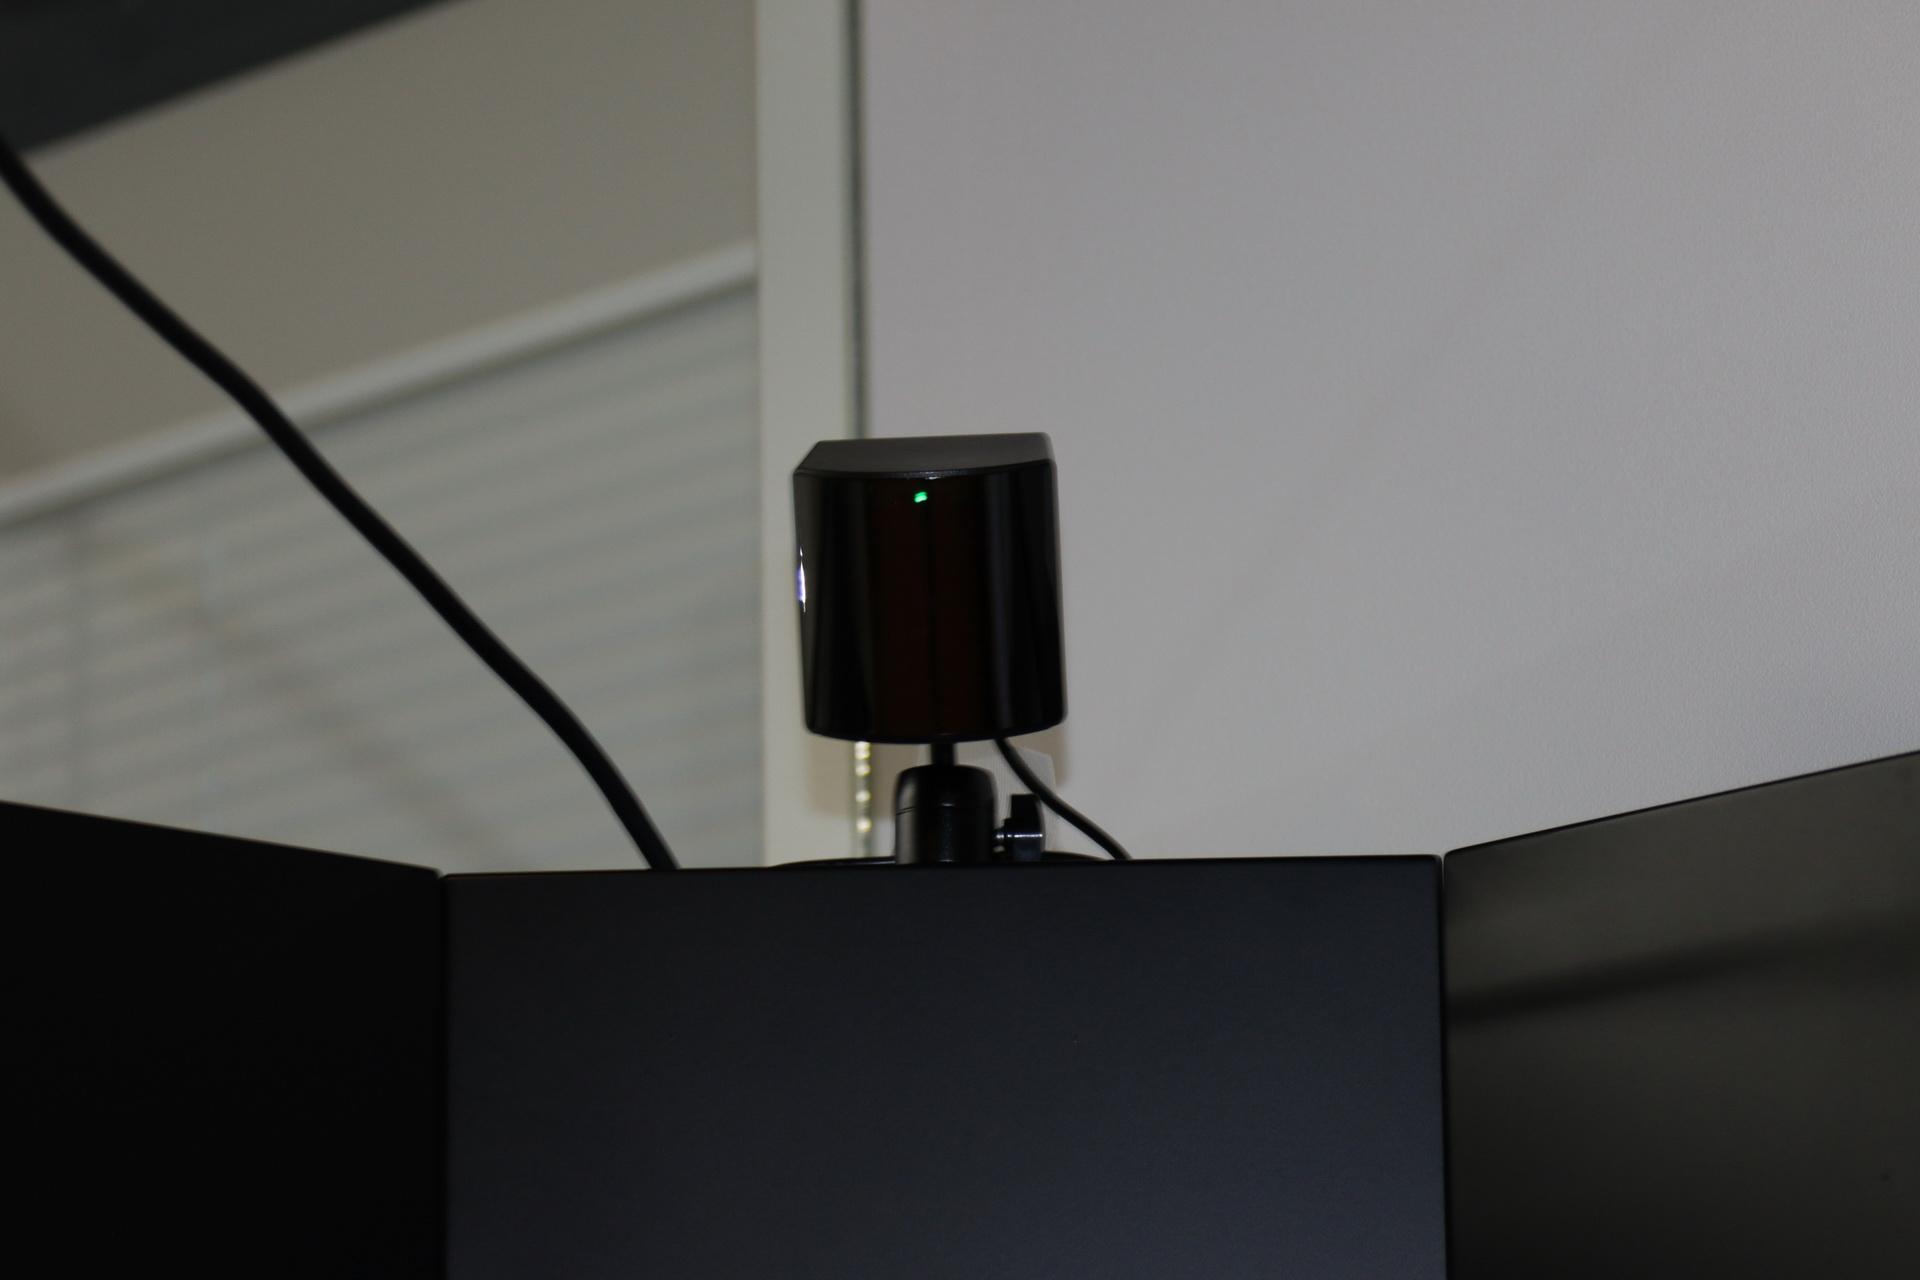 テレビ上部に取り付けられているベースステーション